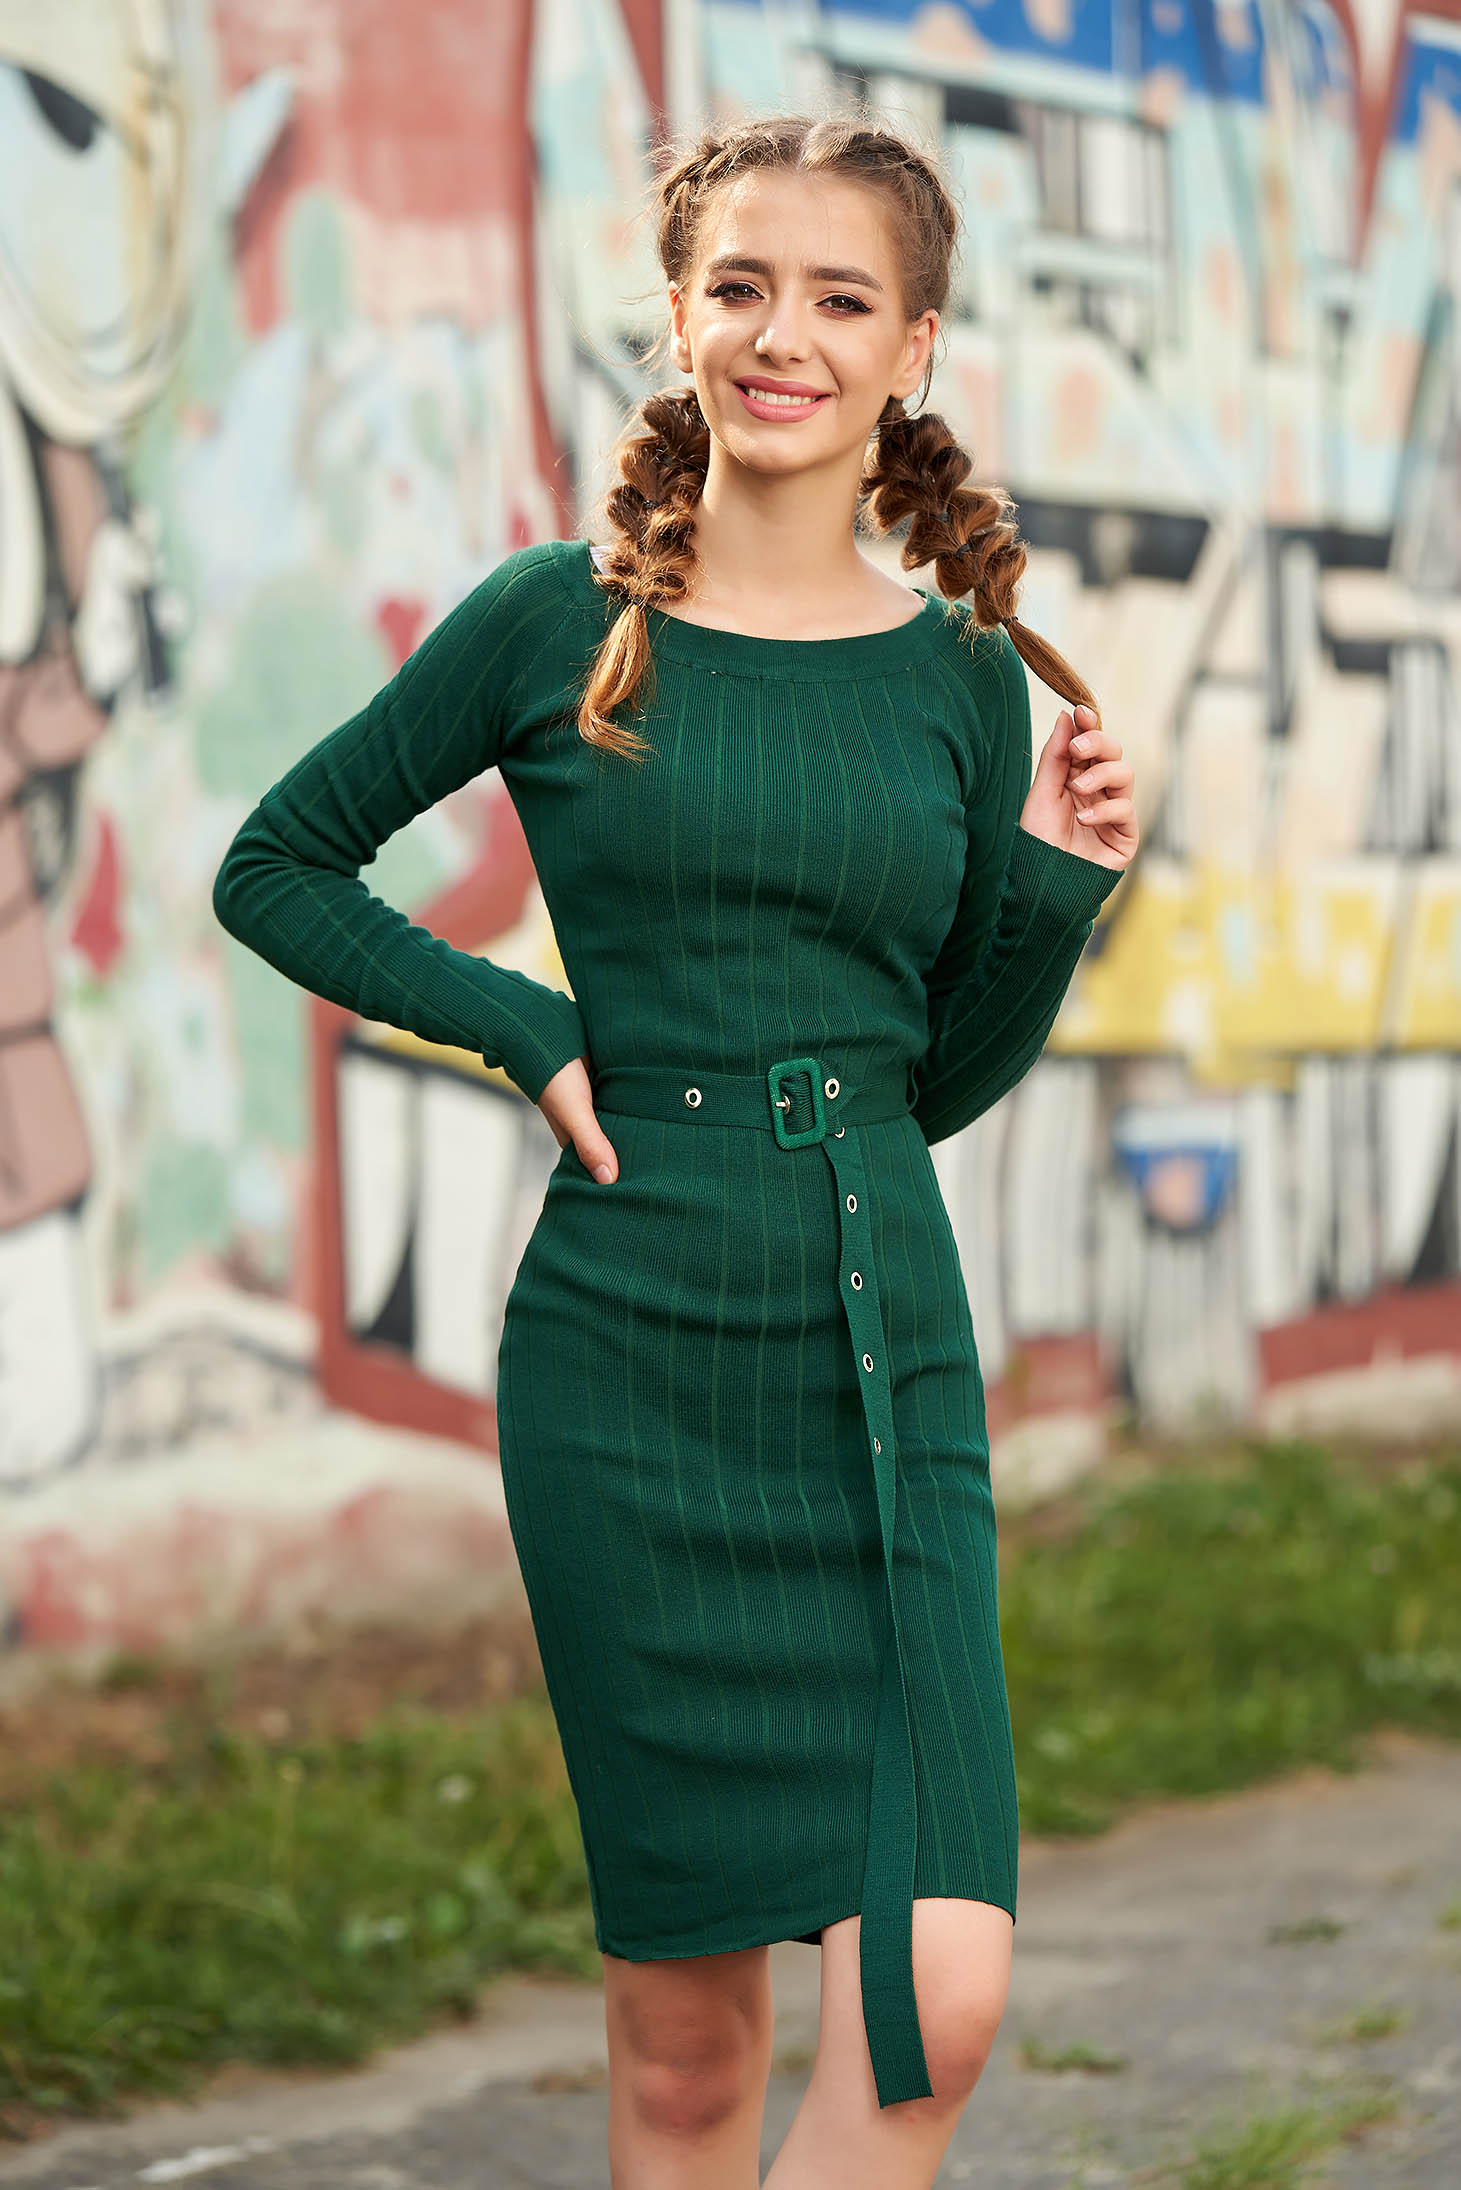 Rochie verde midi scurta casual tip creion cu decolteu rotunjit cu maneci lungi si accesoriu tip curea